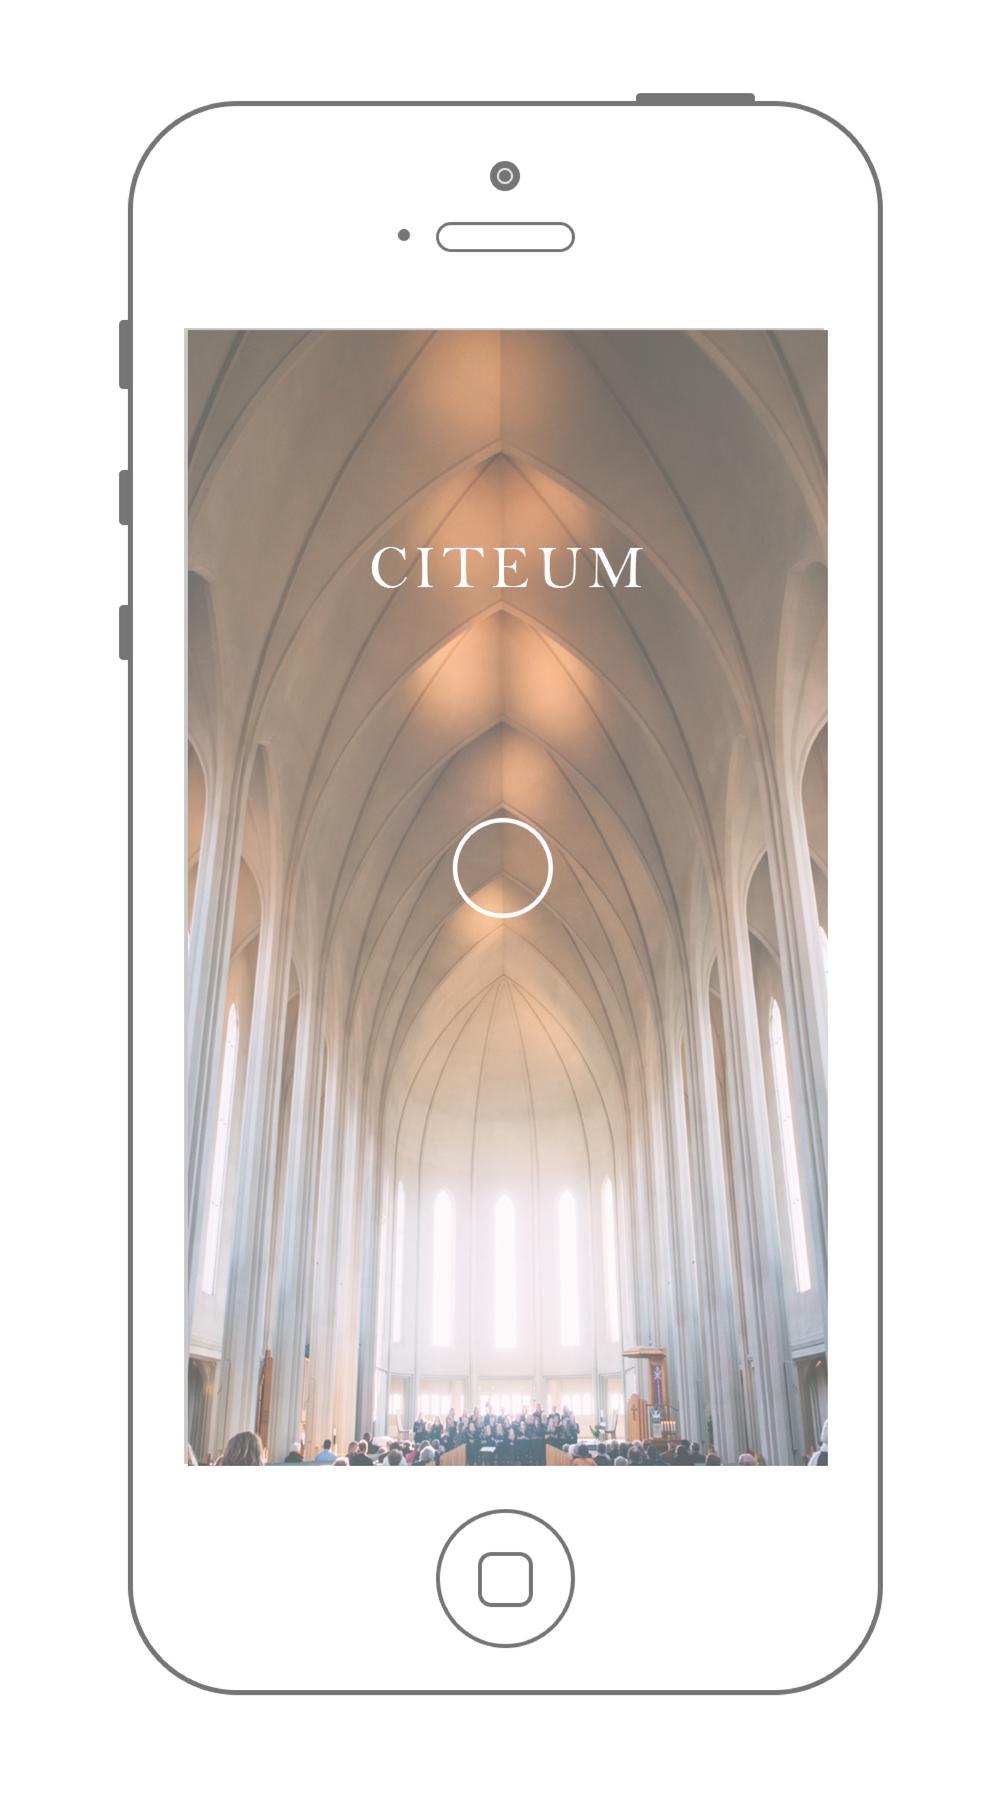 Citeum_Launch.jpg